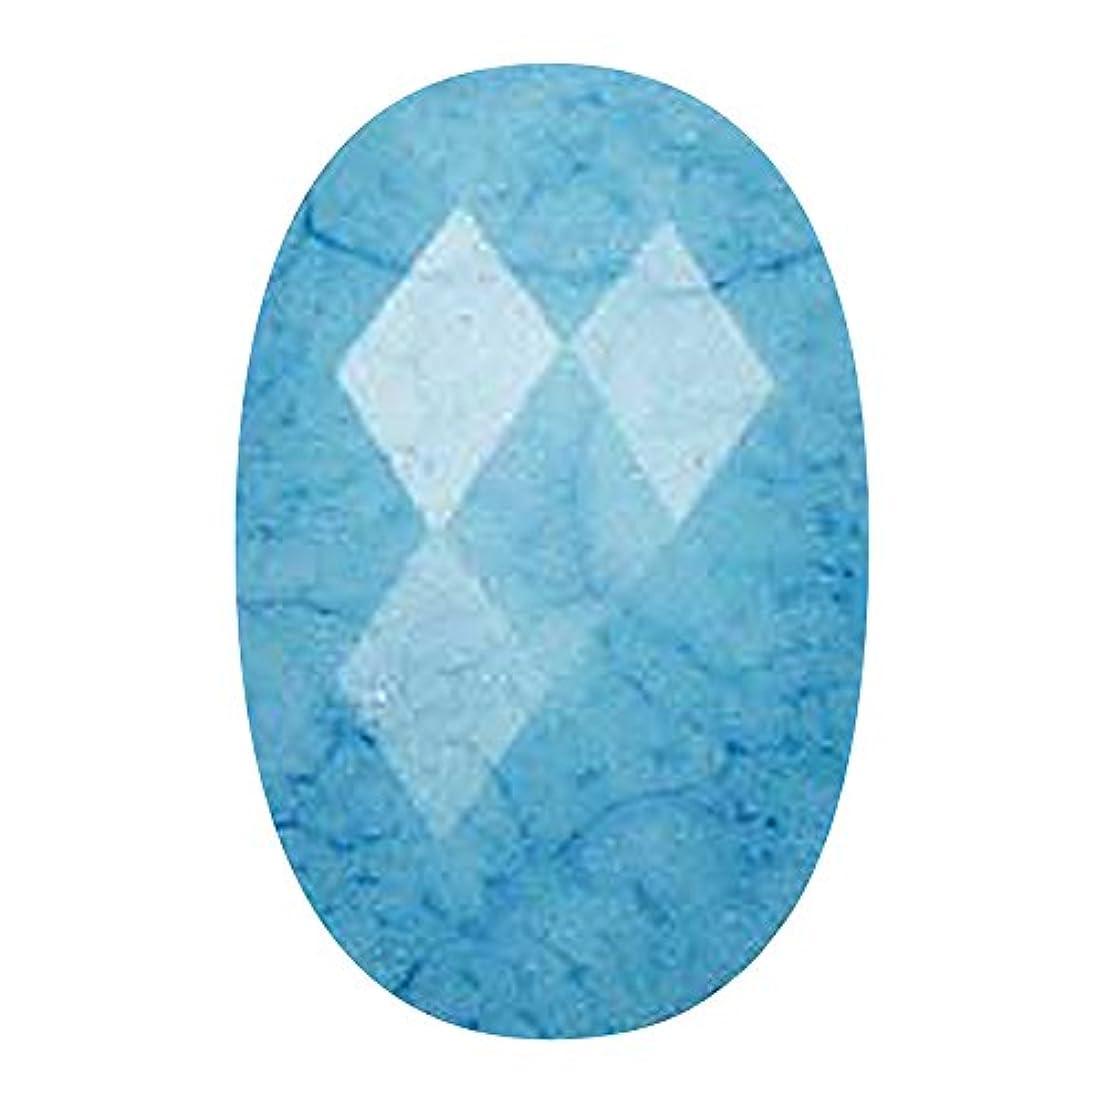 不規則なマイナスバルコニーMpetit B674 ビジュー シアン 20P マーキス?カットの大理石風ストーン アート材